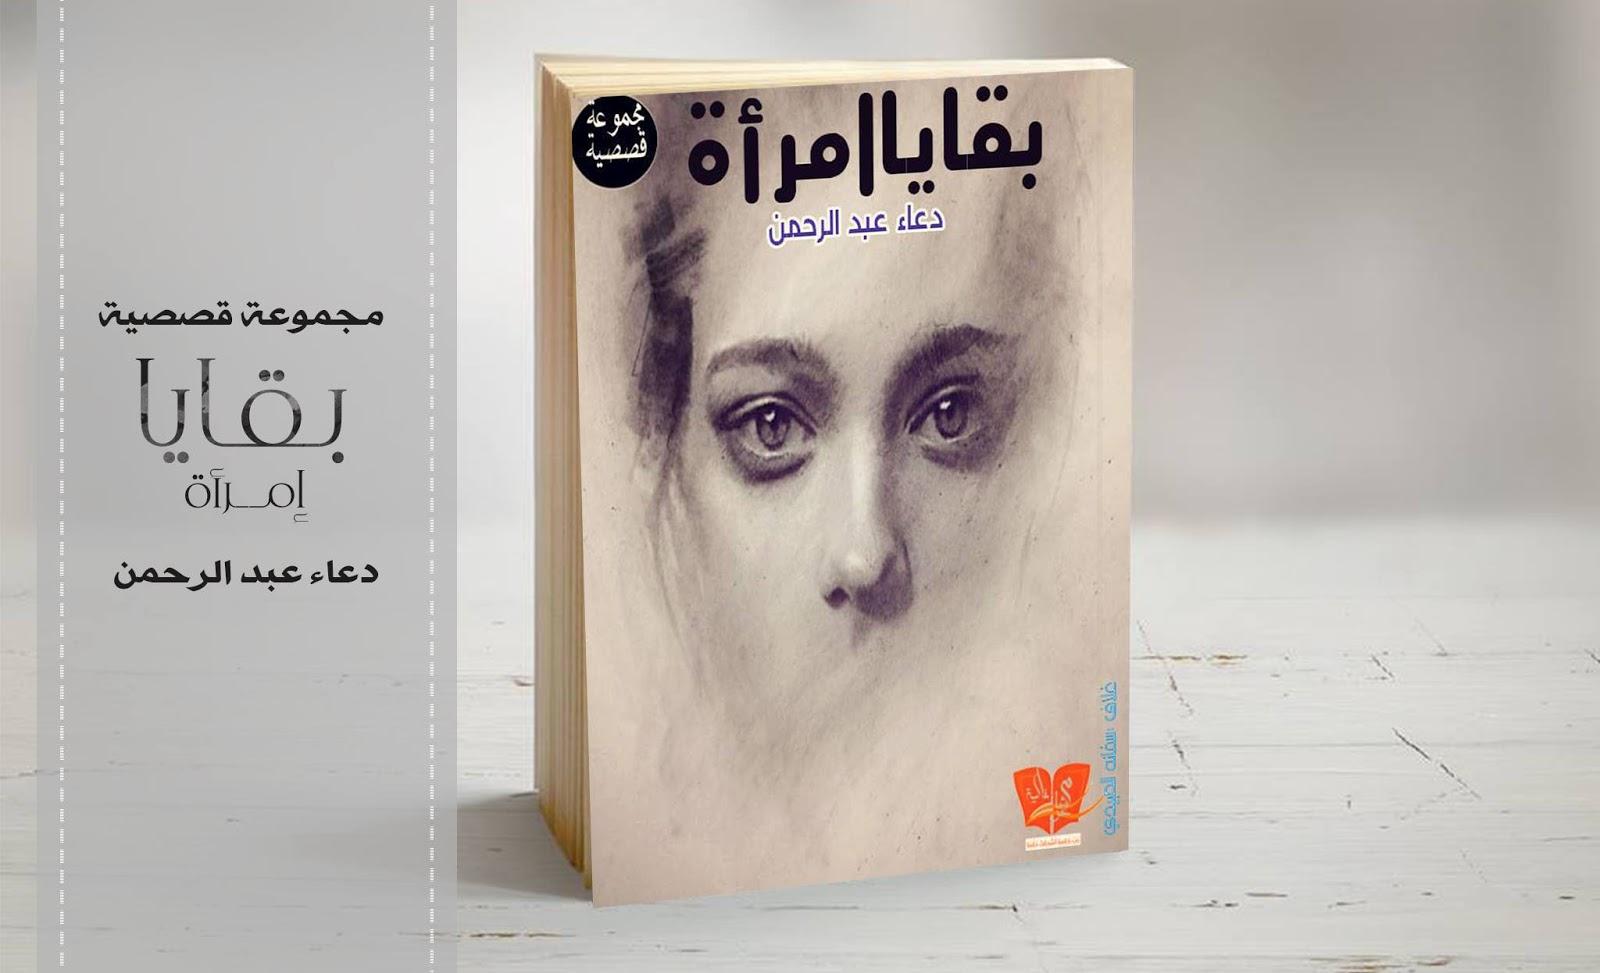 صور روايات دعاء عبد الرحمن , اشهر روايات للكاتبه دعاء عبد الرحمن